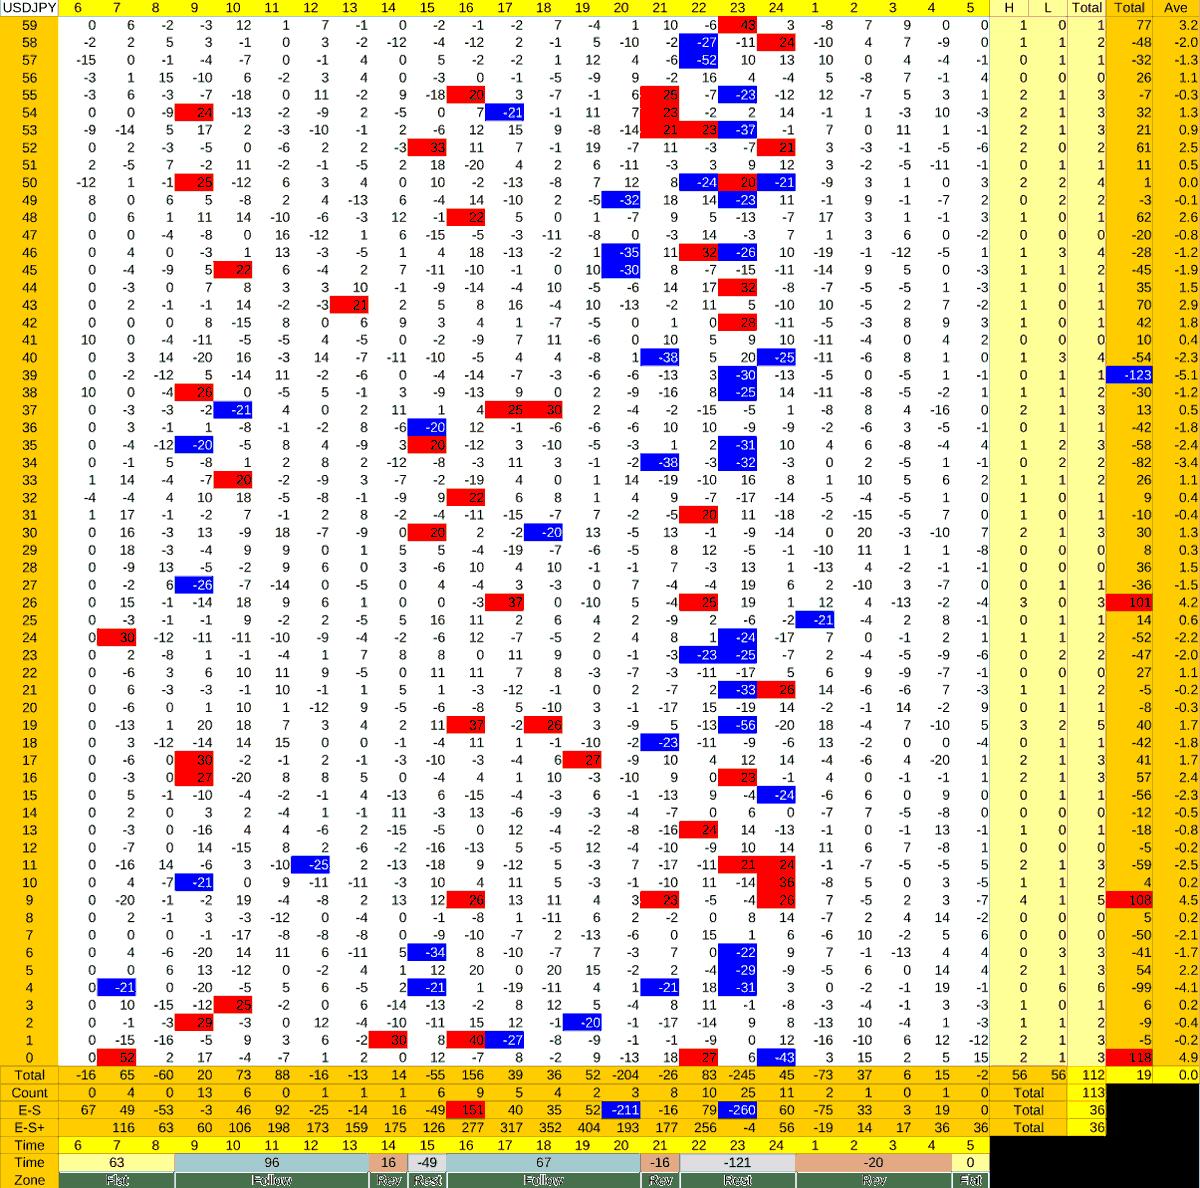 20211004_HS(1)USDJPY-min